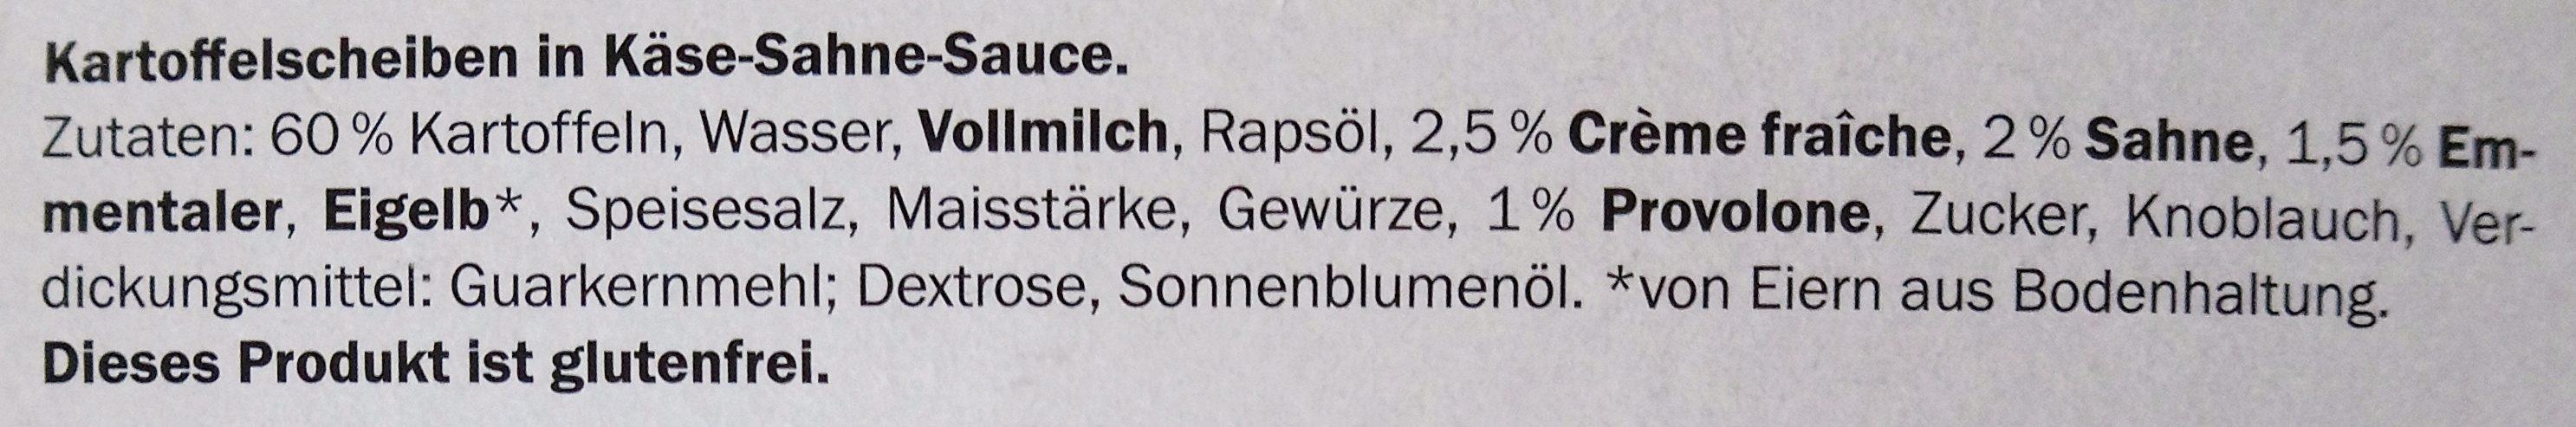 Kartoffel Gratin, Kartoffelscheiben in Käse Sahne ... - Ingredients